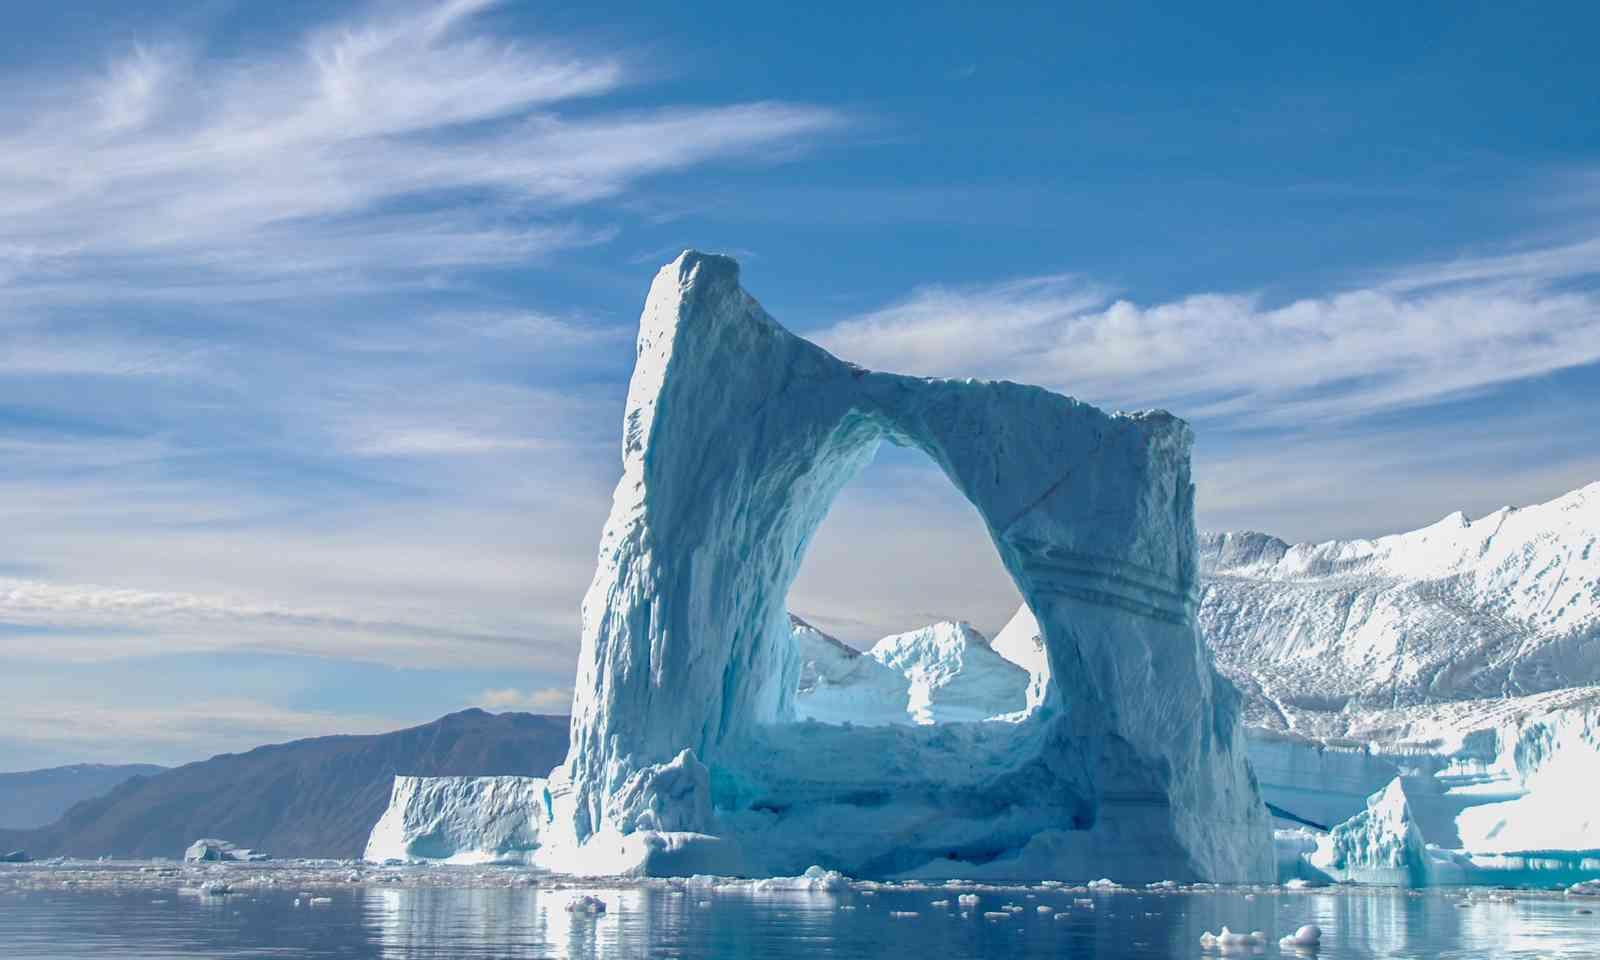 Arch iceberg near Greenland (Dreamstime)